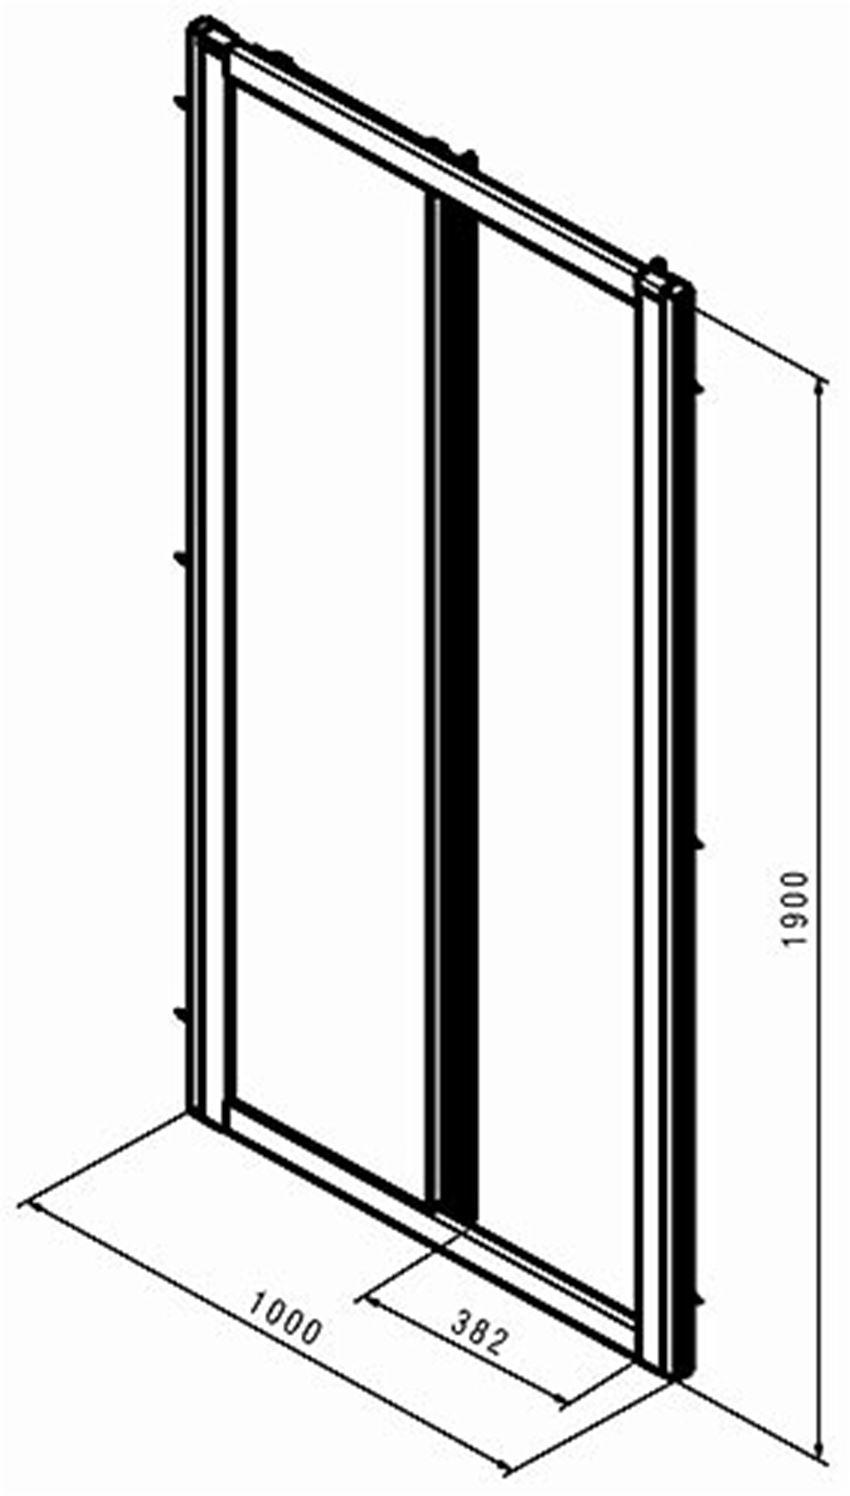 Drzwi przesuwne 100  Koło Geo rysunek techniczny